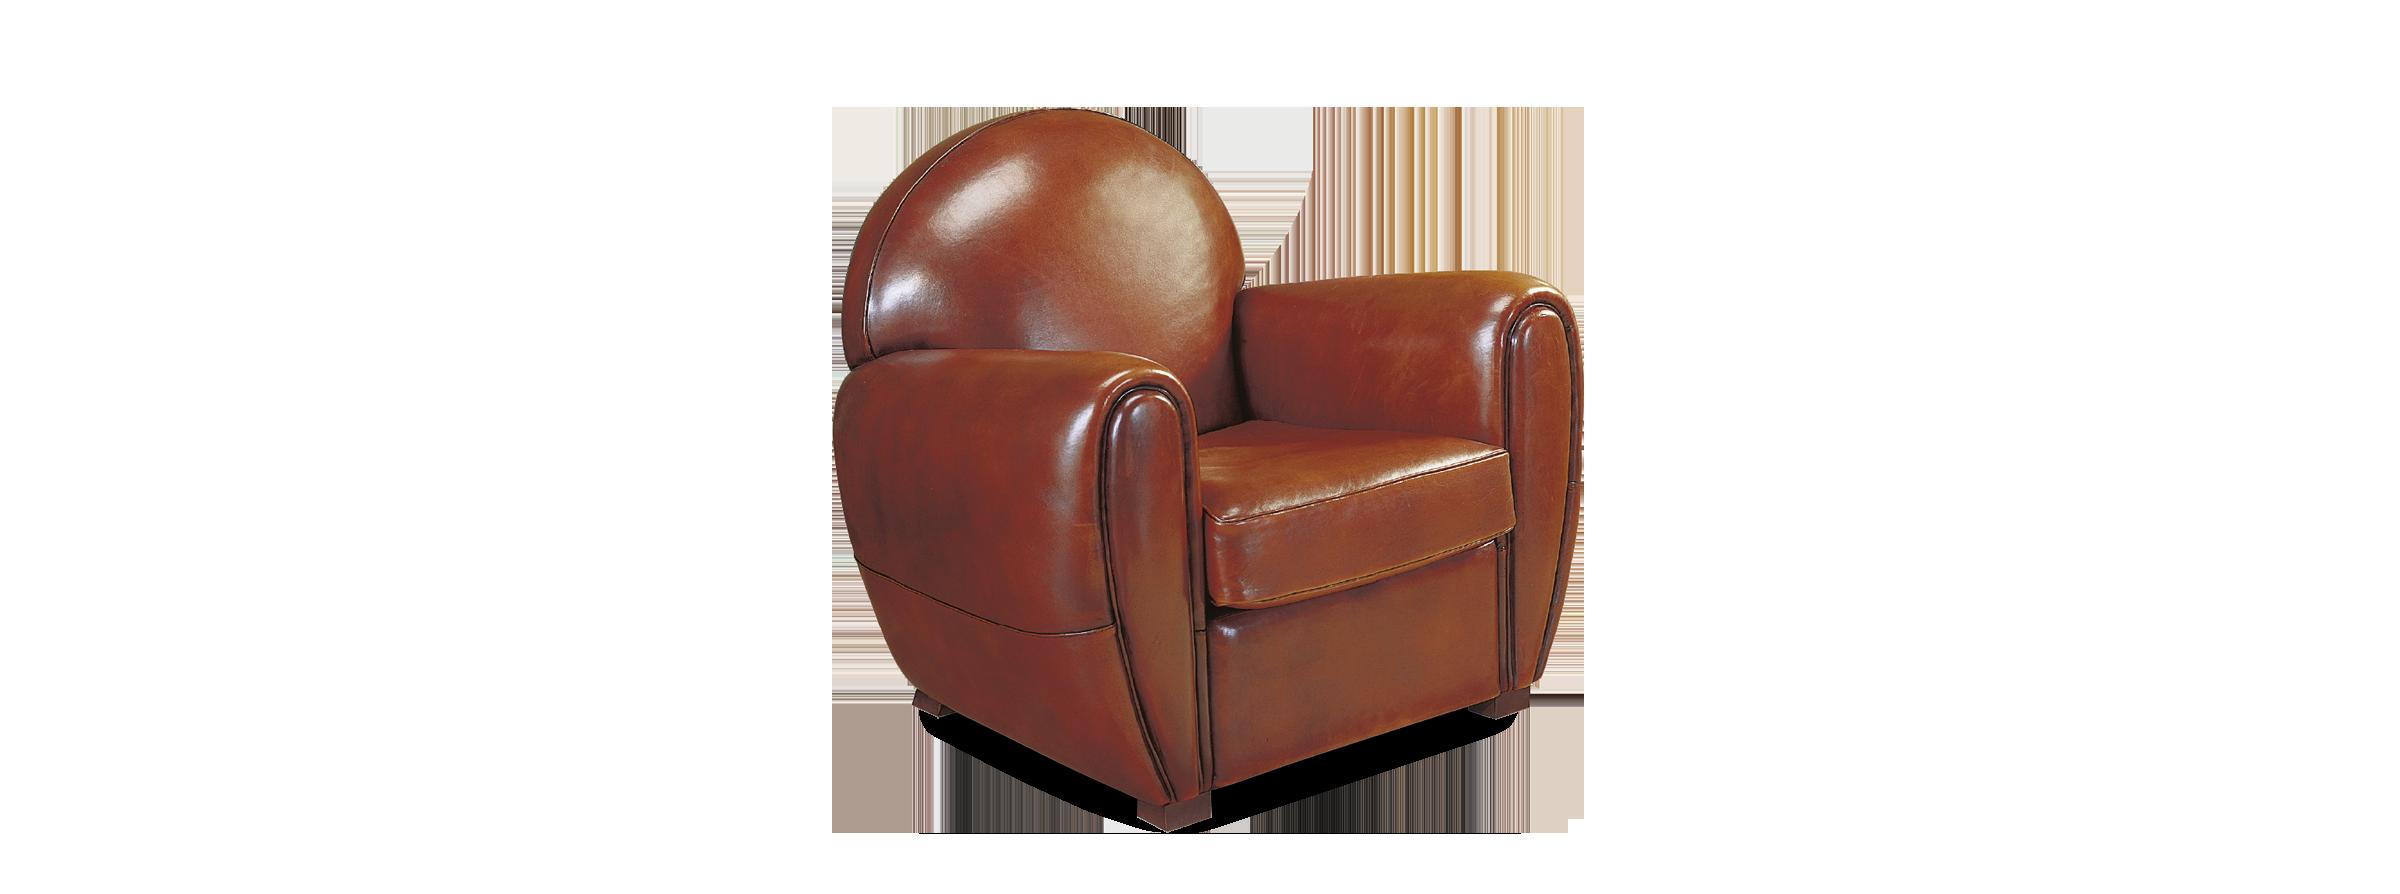 Neology-CARLTON-fauteuil-pouf-cuir-pleine-fleur-convertible-made-in-france-petit-encombrement-sur-mesure